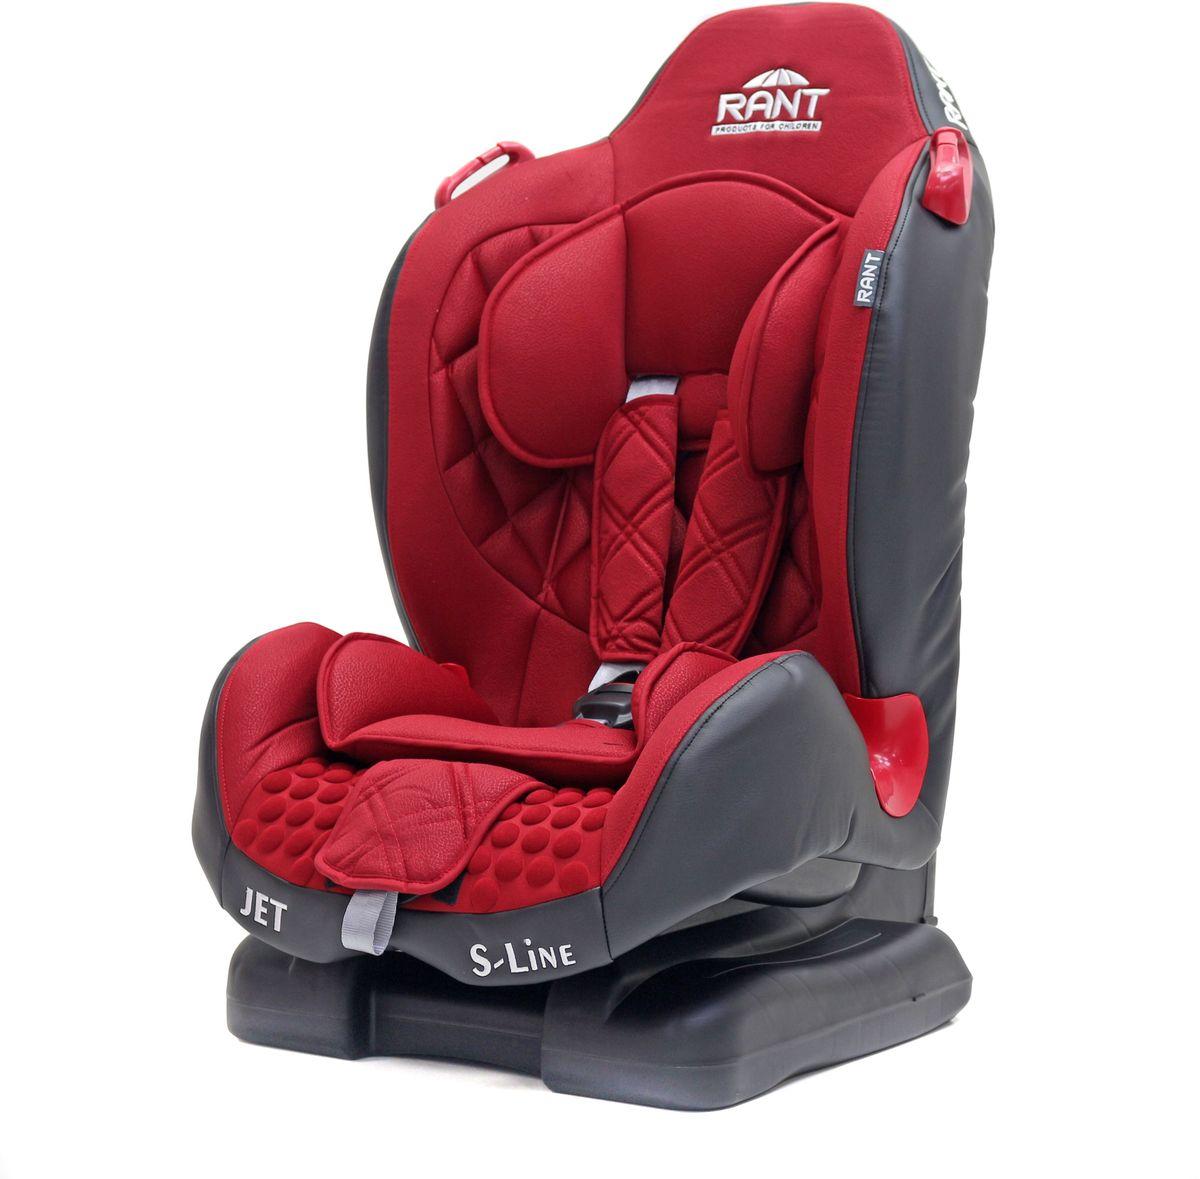 Rant Автокресло Jet цвет красный от 9 до 25 кг229437Автокресло Rant Jet – имеет съемный пятиточечный ремень безопасности с мягкими плечевыми накладками и антискользящими нашивками. Rant Jet – это удобная, комфортная модель с хорошим уровнем безопасности. Внутренние 5-точечные ремни безопасности с мягкими плечевыми накладками надежно удерживают малыша в автокресле. Ремни интегрированы в подголовник, регулируются по высоте одновременно с поднятием подголовника. Имеют центральную систему натяжения и прочный, практичный замок. Сиденье увеличенной ширины сделает более комфортной поездки уже подросшего ребенка. Угол наклона спинки регулируется в 3-х положениях. Для самых маленьких пассажиров предусмотрен мягкий съёмный вкладыш. Чехол автокресла изготовлен из качественной, высокопрочной, гипоаллергенной ткани. Легко снимается для чистки или стирки. Крепление и установка. Автокресло устанавливается по направлению движения, с помощью штатного ремня безопасности автомобиля. Ребёнок удерживается в кресле внутренними 5-точечными ремнями безопасности (до 18 кг) или штатным ремнём безопасности (от 18 кг). Безопасность. Автокресло имеет усиленную боковую защиту. Корпус из ударопрочного пластика гарантируют защиту при боковых и фронтальных столкновениях. Пятиточечные ремни безопасности с мягкими плечевыми накладками надежно зафиксируют малыша в автокресле. Прочный и практичный замок фиксации ремней безопасности надежно удержит малыша при резких торможениях и толчках.Автокресло Jet сертифицировано и соответствует требованиям Европейского стандарта качества и безопасности ECE R44-04.